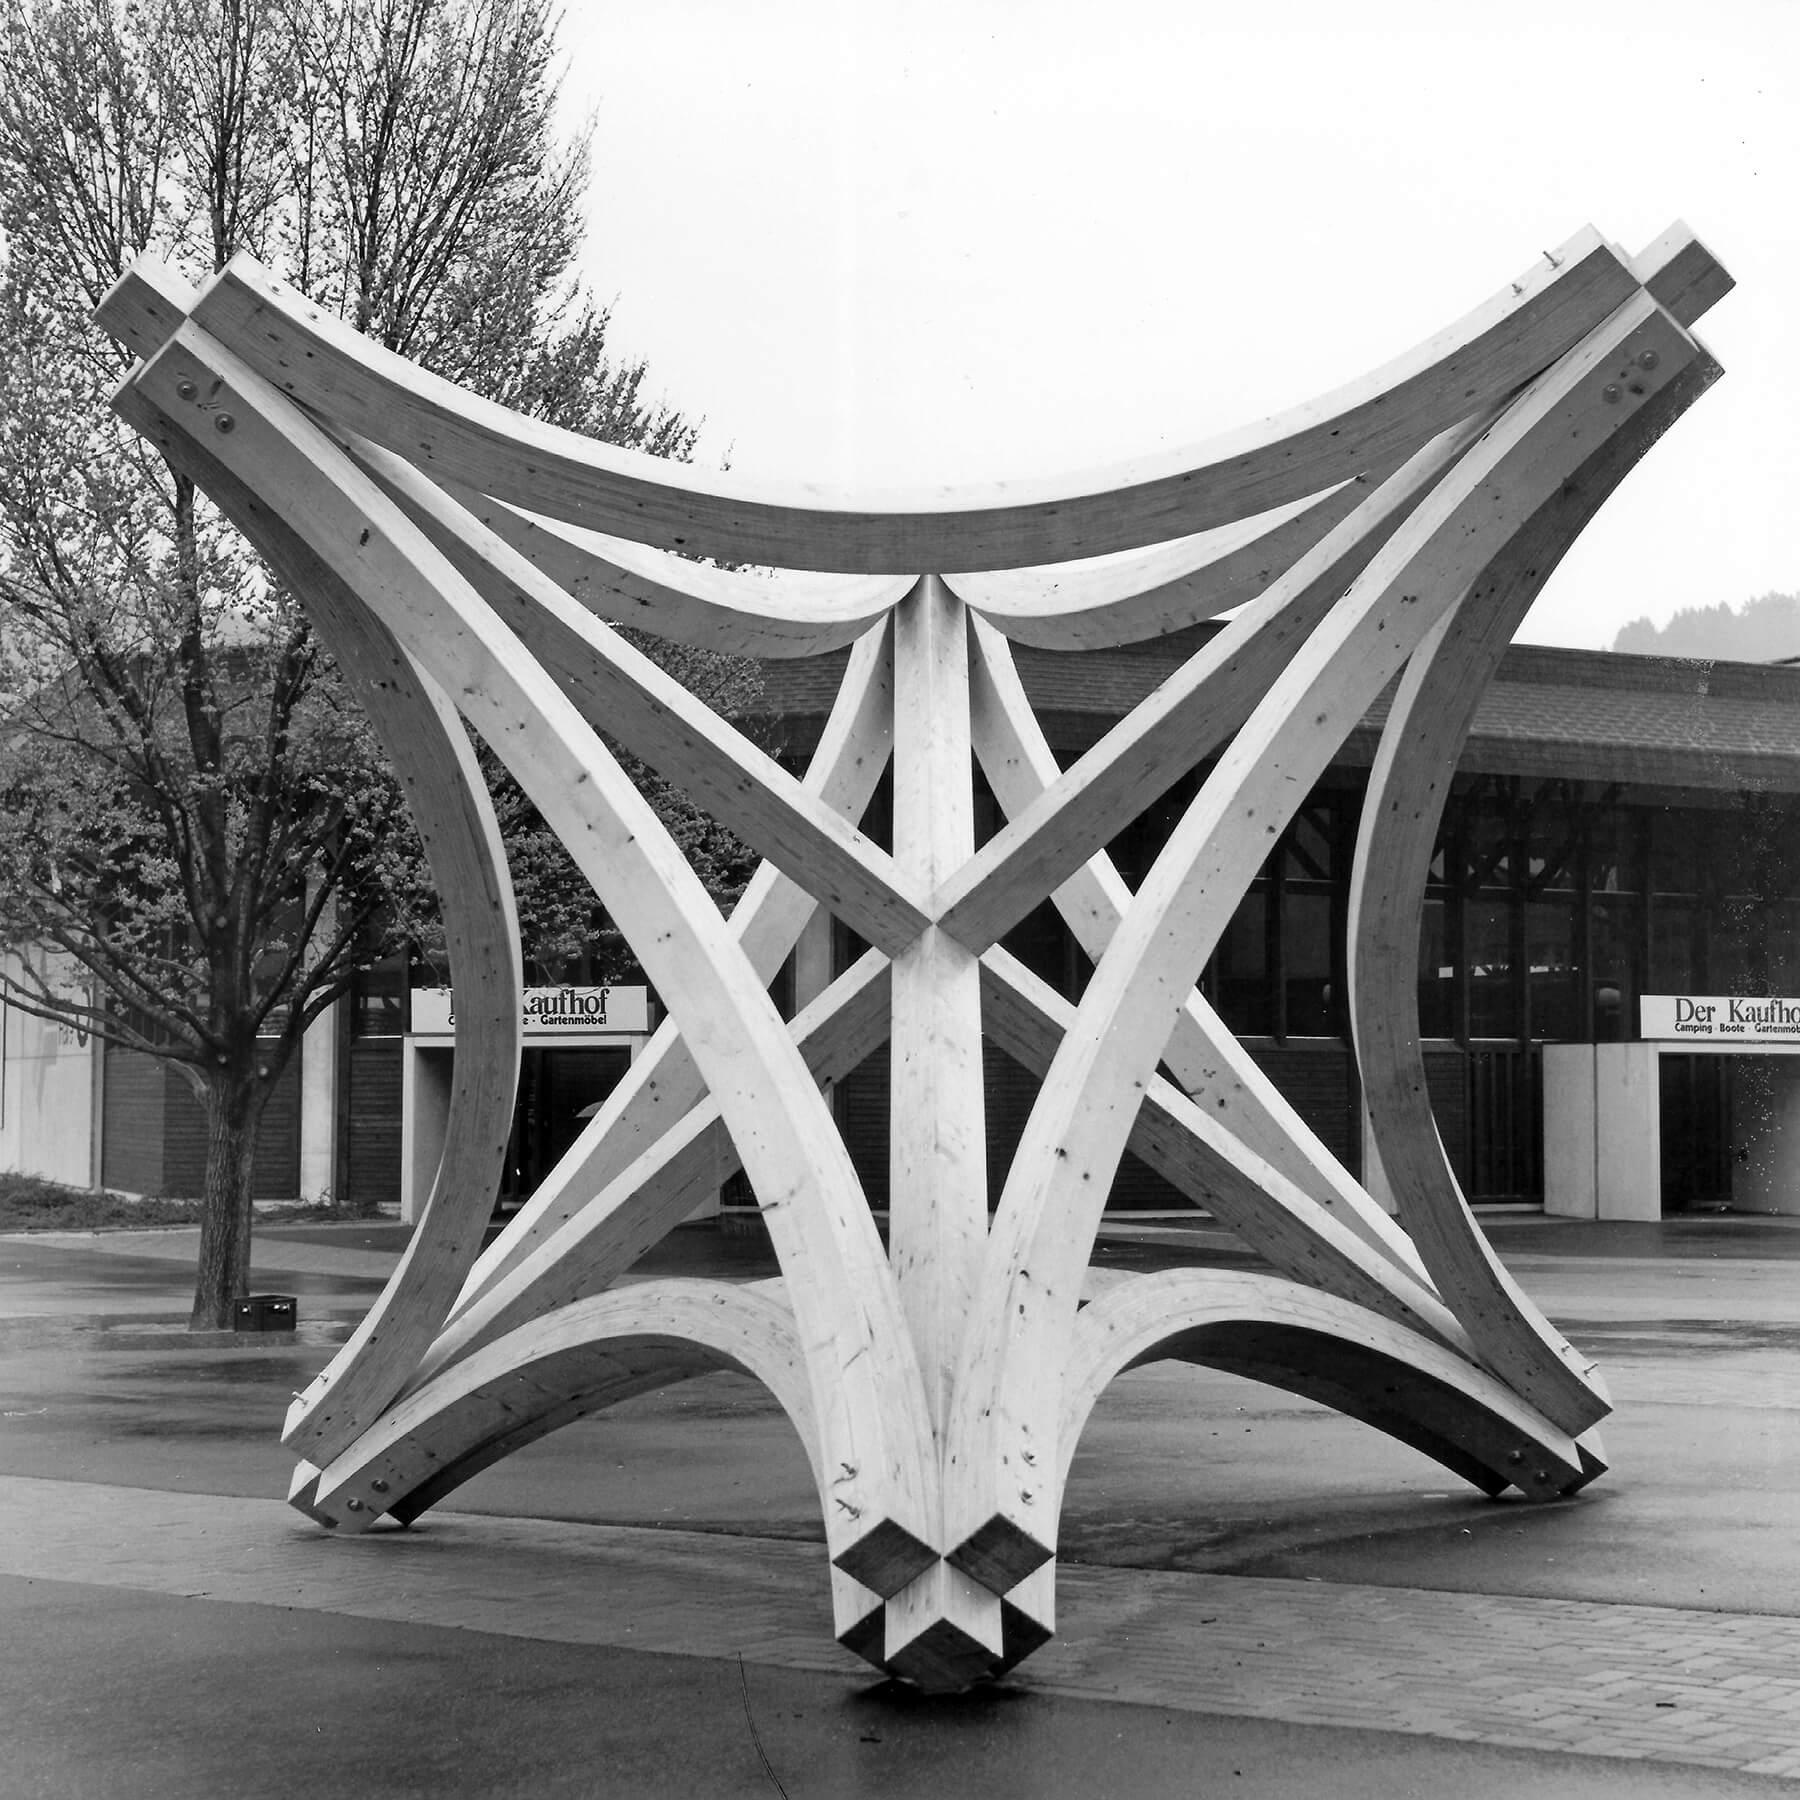 Bildhauer OMI Riesterer Karlsruhe Projekte Großer Knoten Deutscher Holzbautag Freiburg